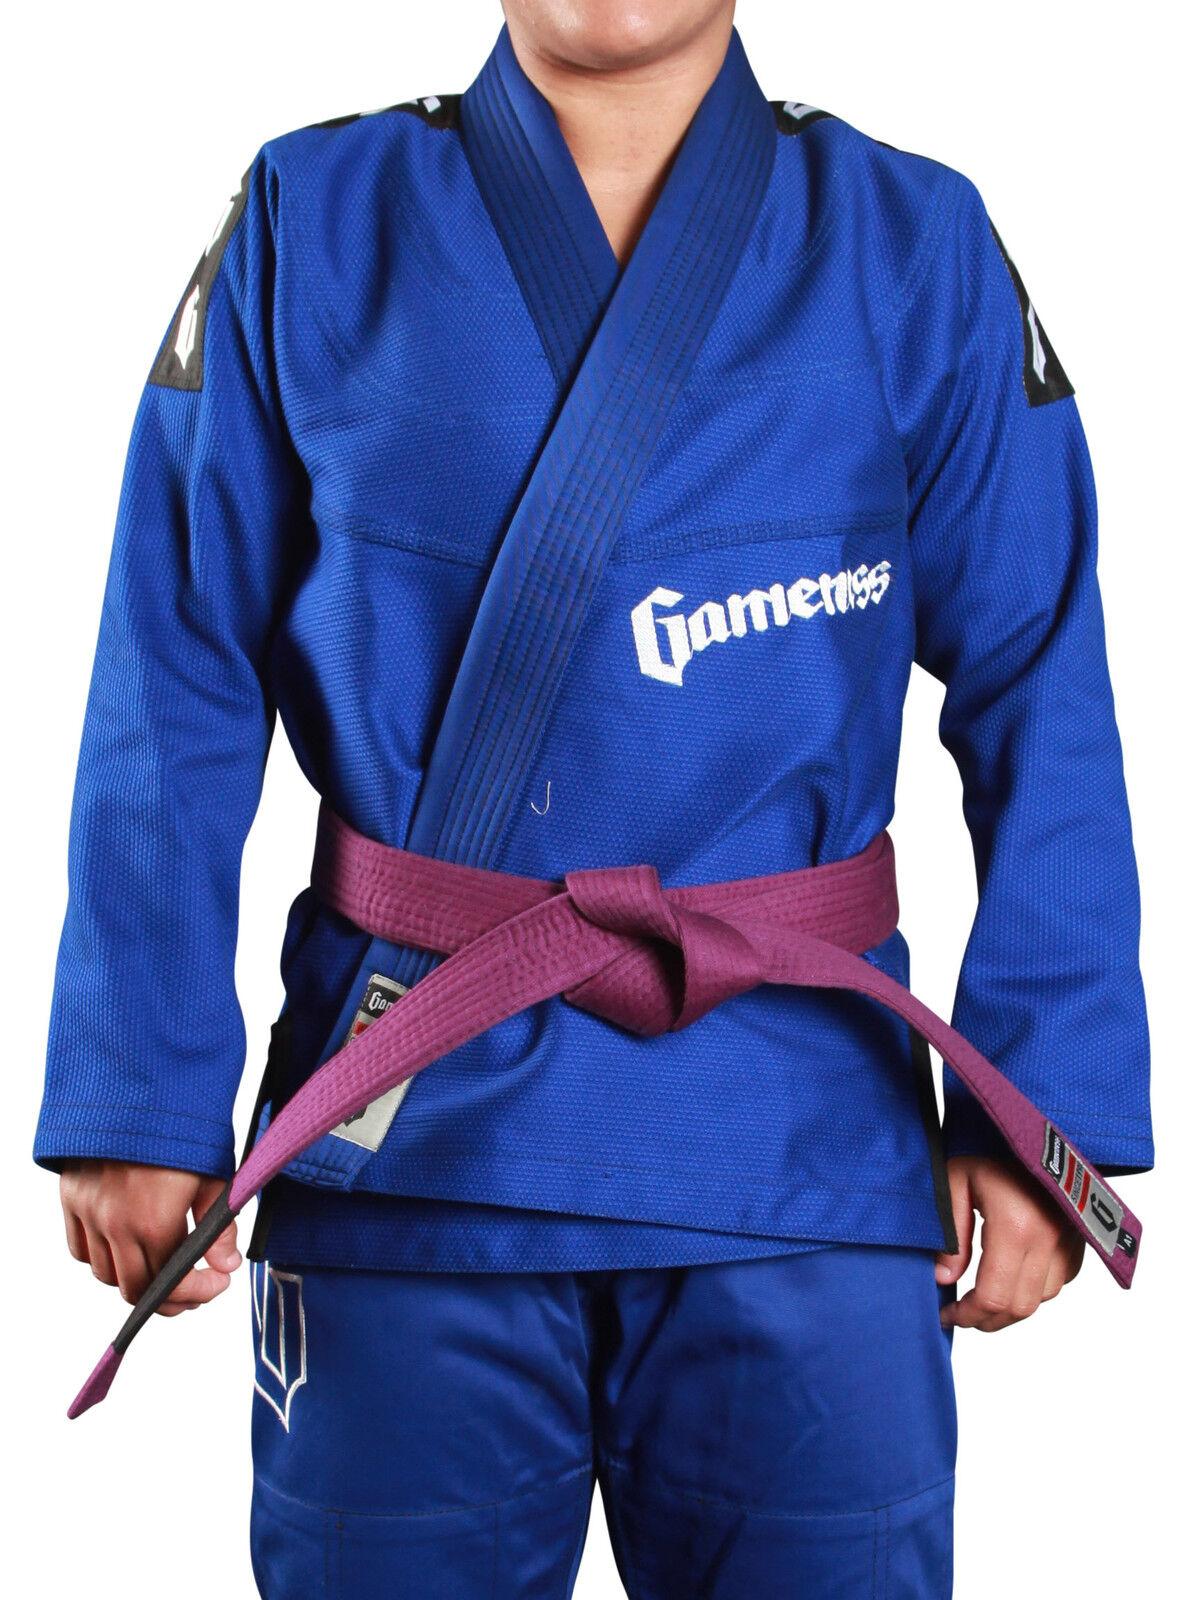 Gameness bluee Female Pearl Jiu Jitsu Gi